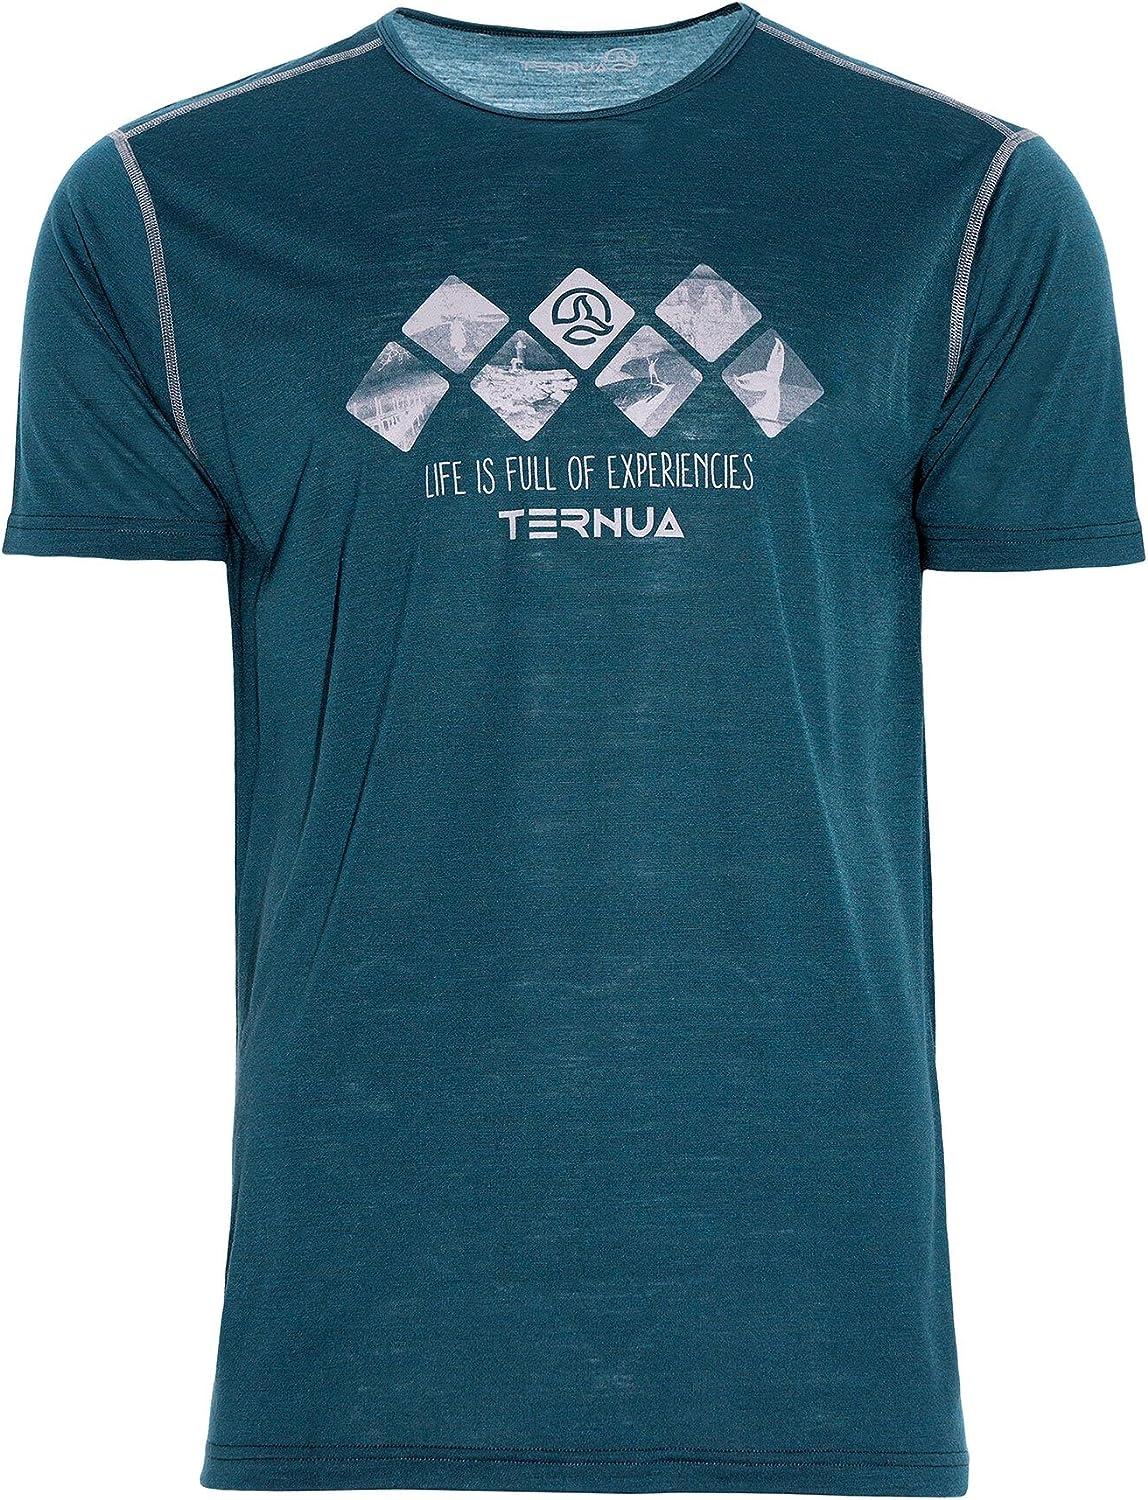 Ternua Marom Camiseta, Hombre: Amazon.es: Ropa y accesorios